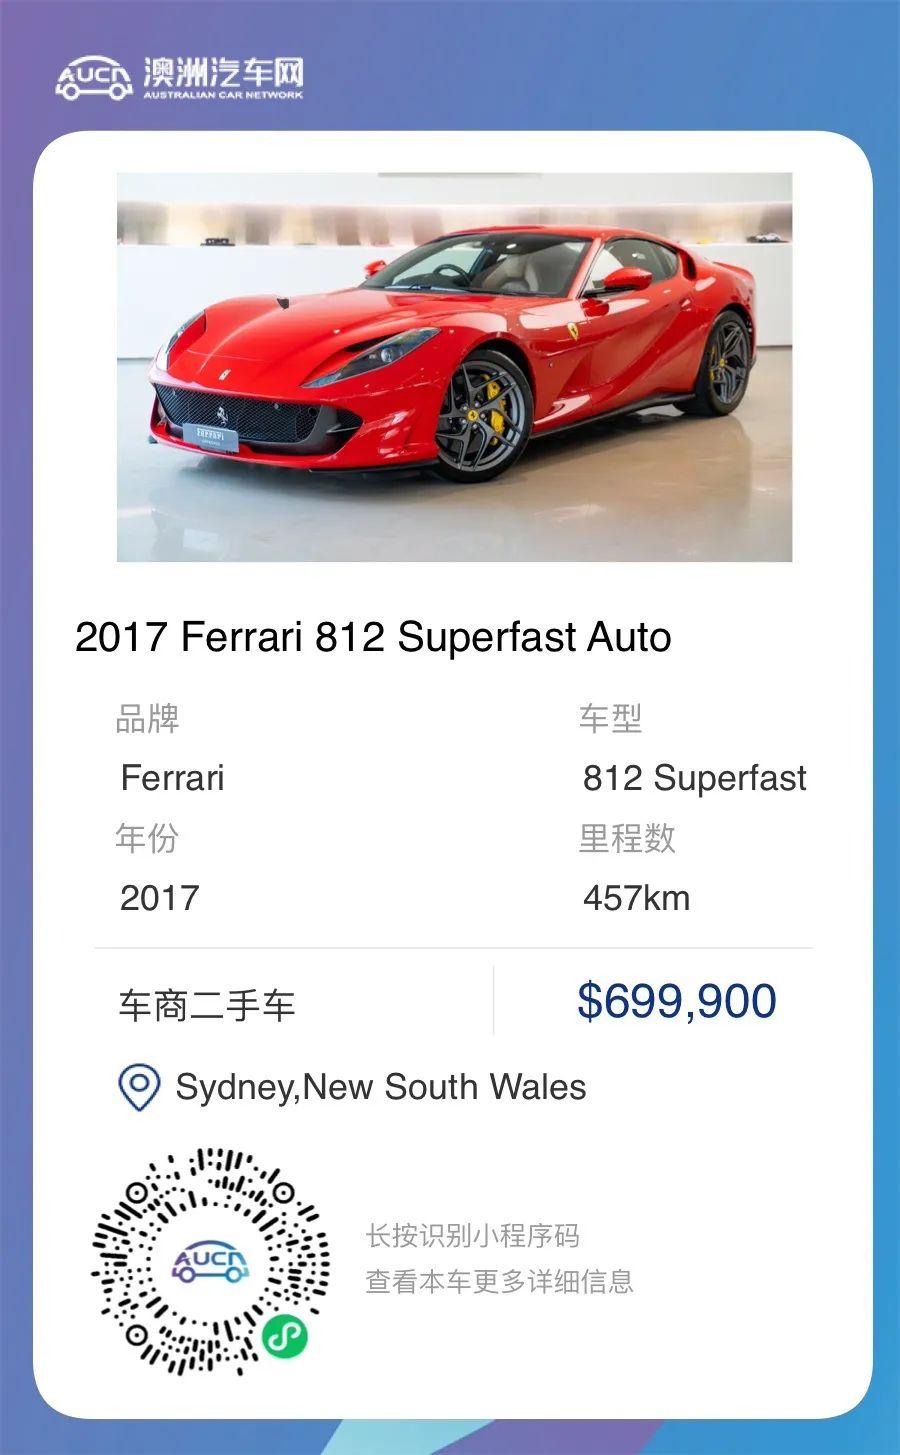 AUCN澳洲汽车网小程序正式上线!